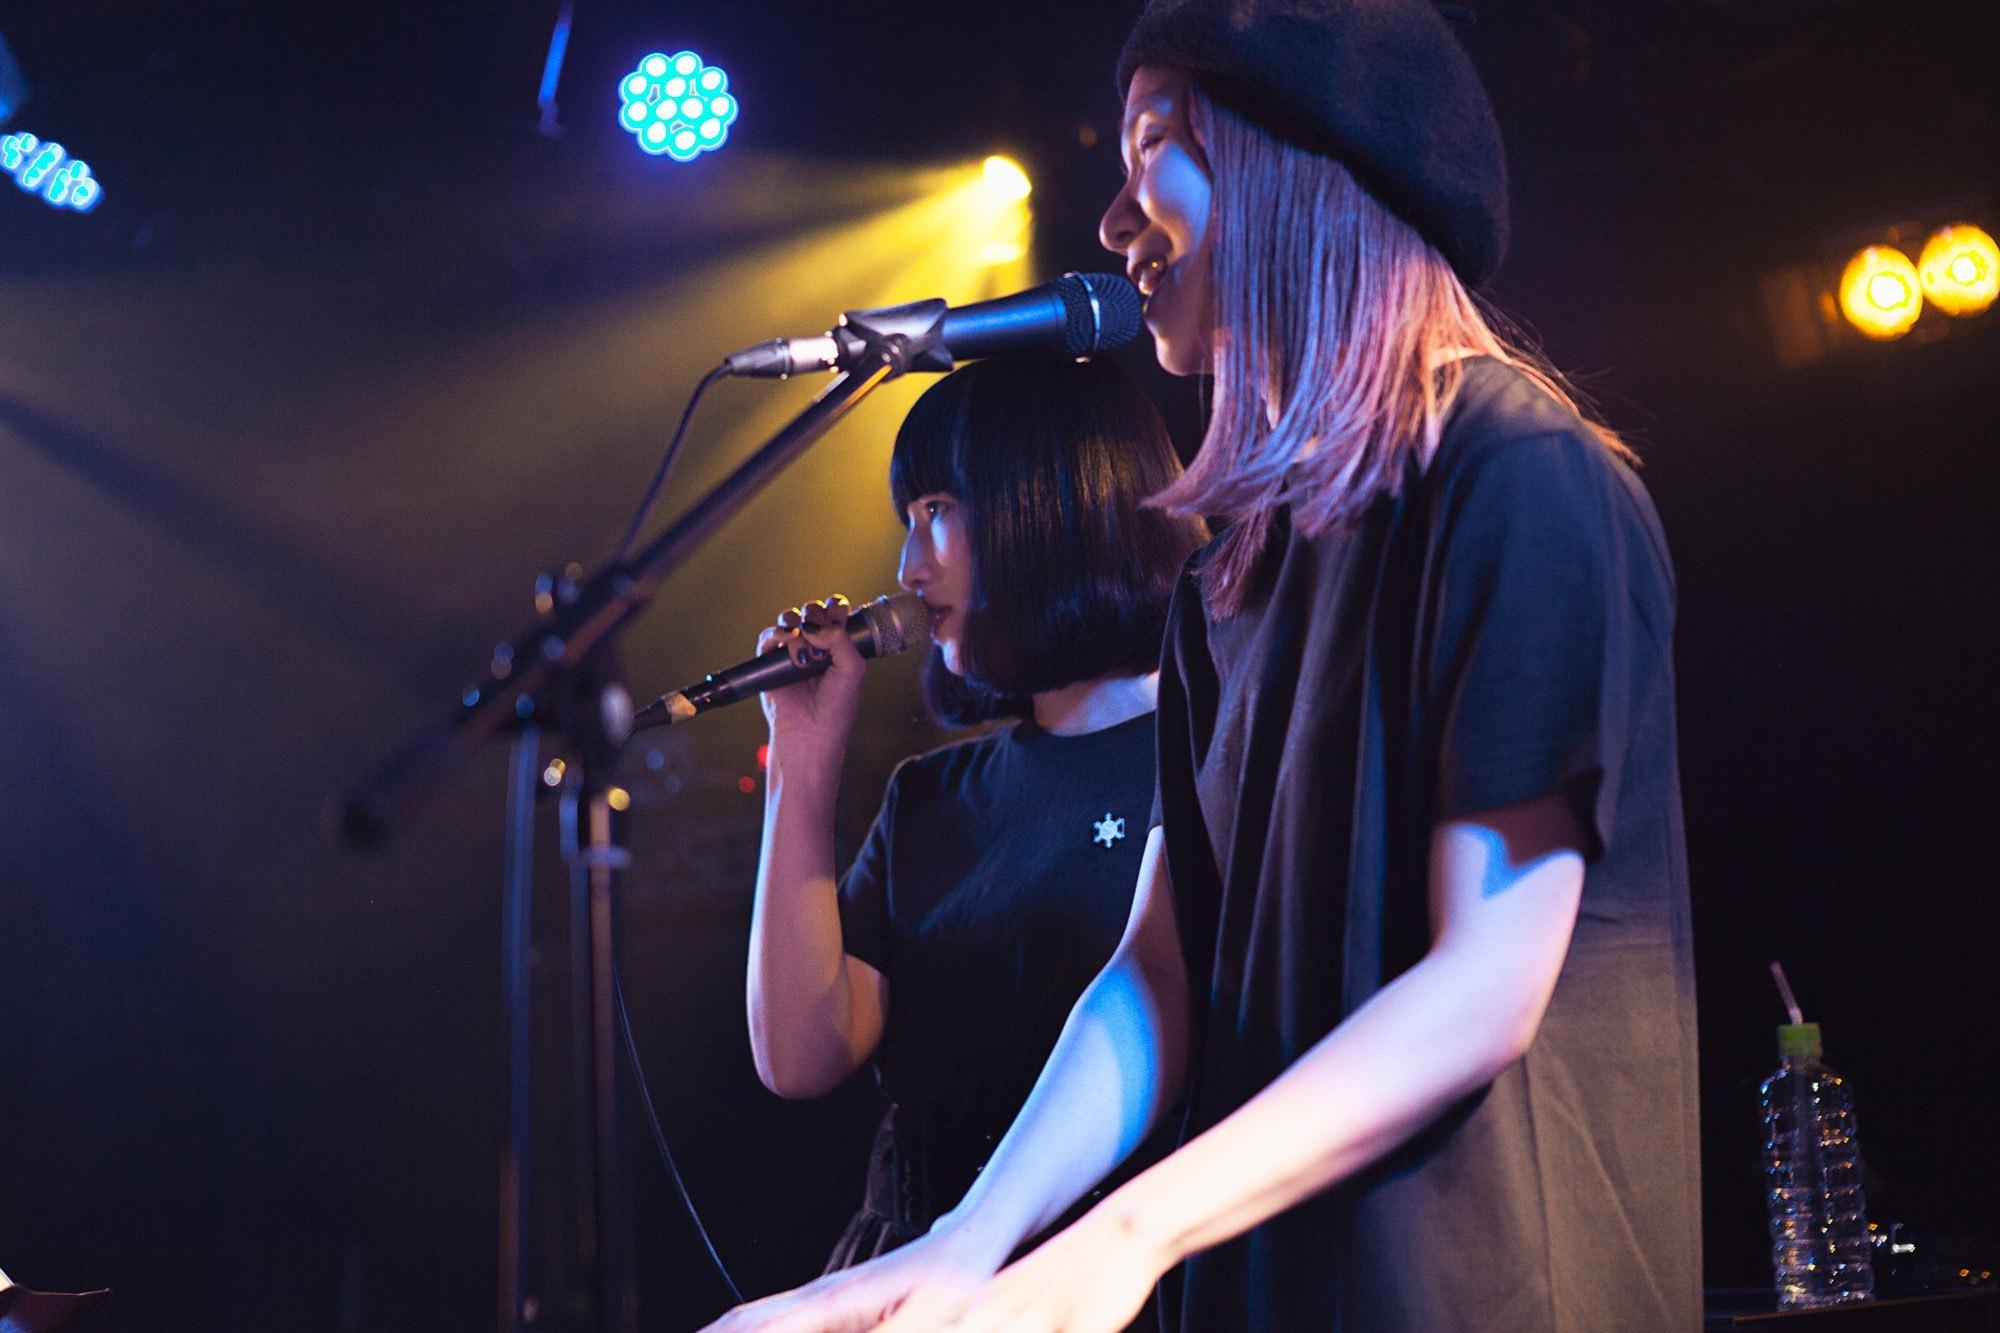 左からUNIDOTS・瑞葵、クアイフ・森彩乃(Vo)  UNIDOTS presents SHIKISAI 2018 ― 四季彩、或いは四奇才の色彩 ― ~冬編~